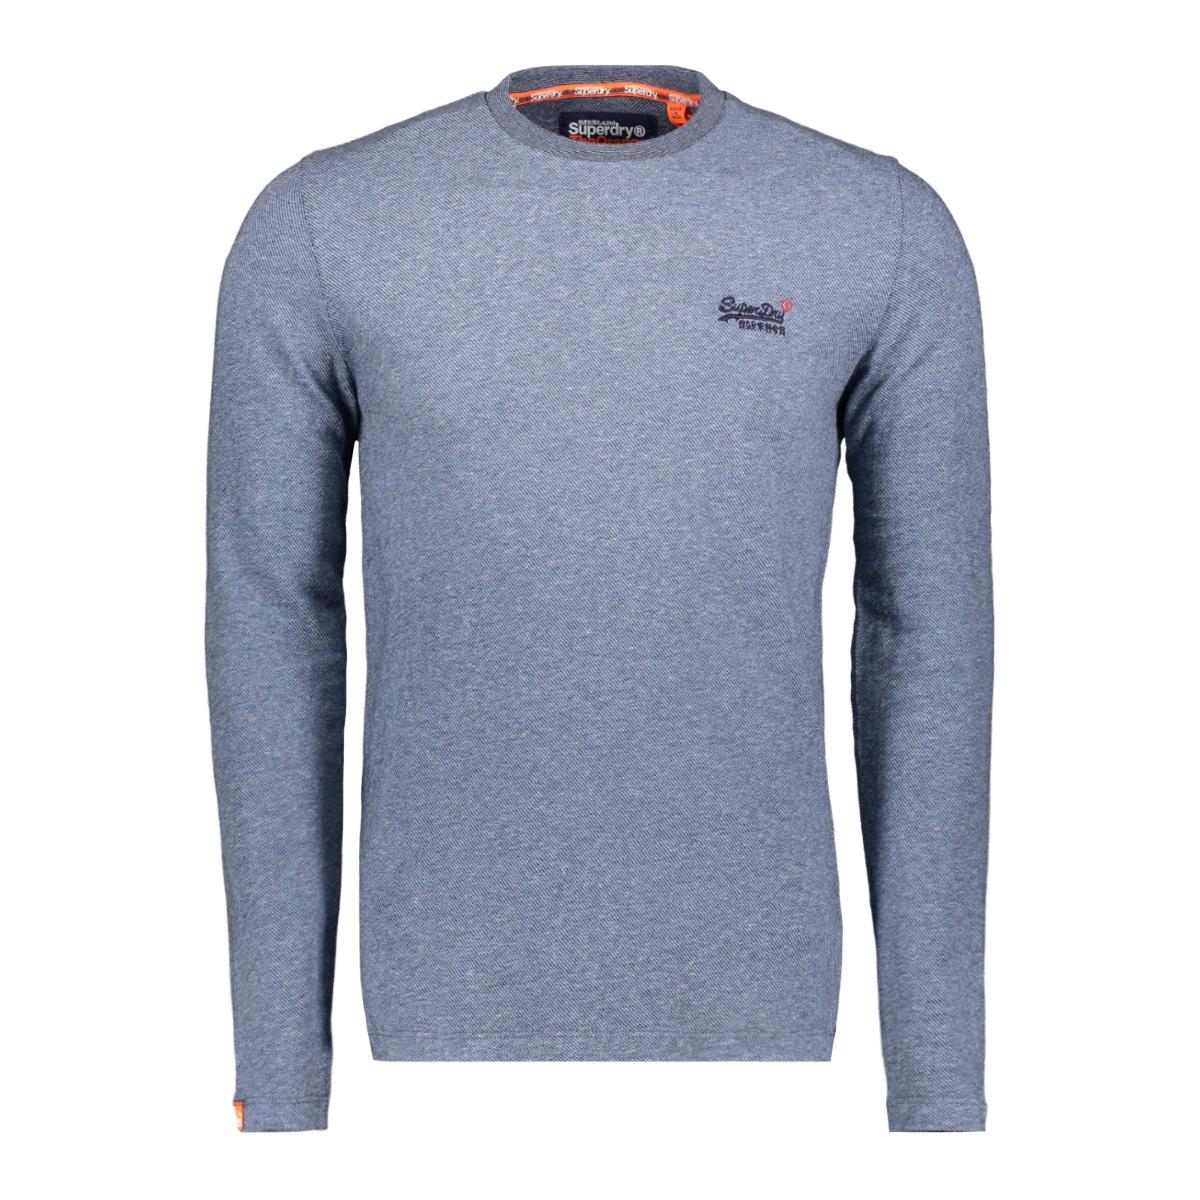 twill texture ls top m6000011a superdry t-shirt basalt blue texture